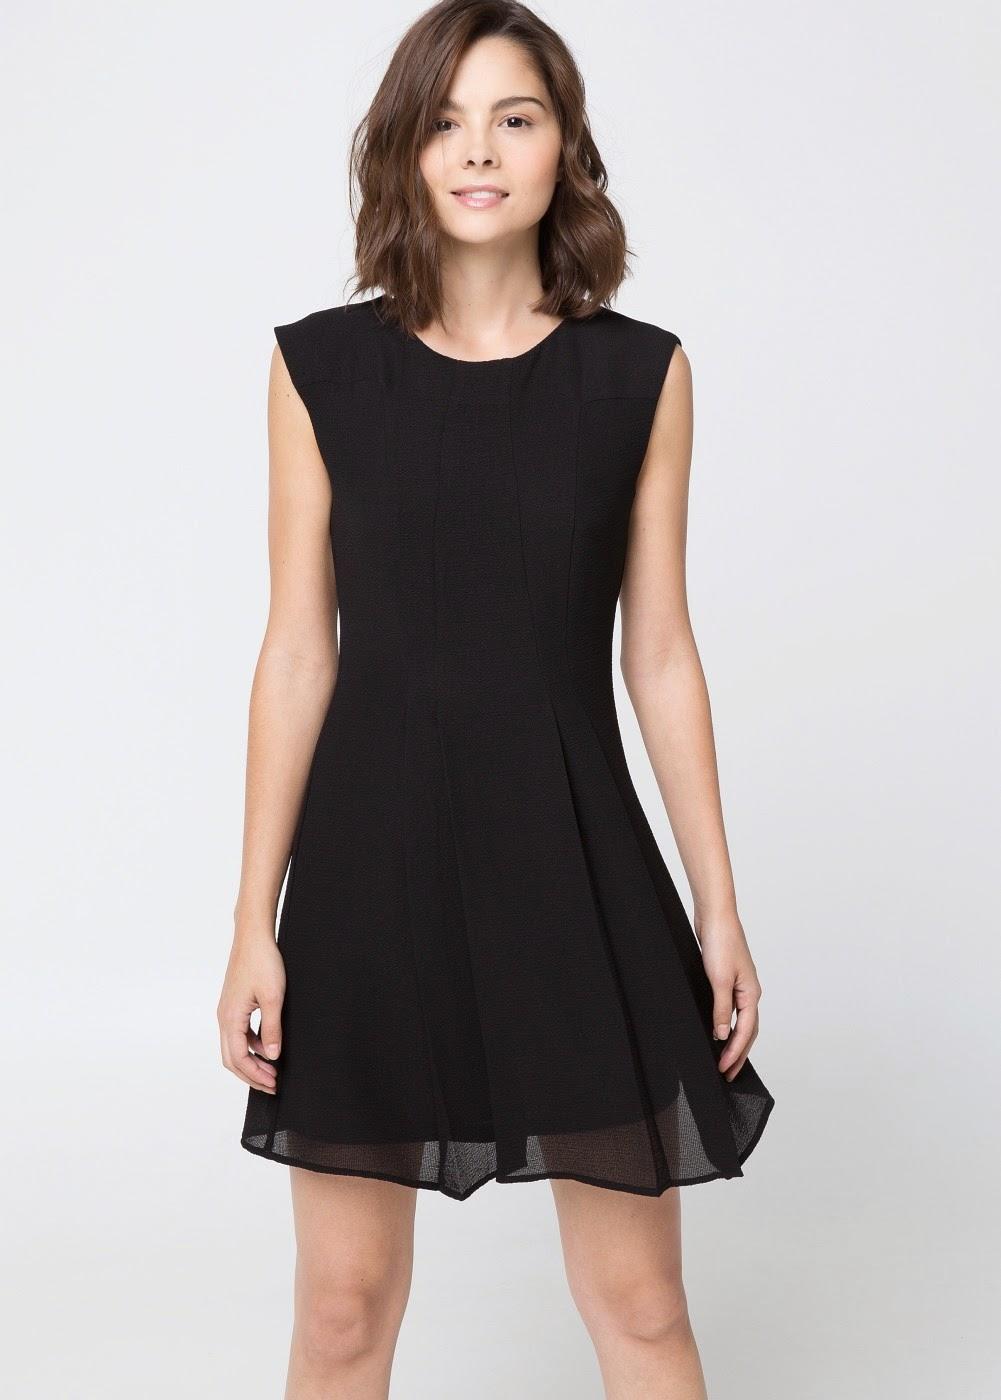 http://shop.mango.com/ES/p0/mujer/prendas/vestidos/vestido-falda-vuelo/?id=33090325_02&n=1&s=prendas.vestidosprendas&ident=0__0_1412156031441&ts=1412156031441